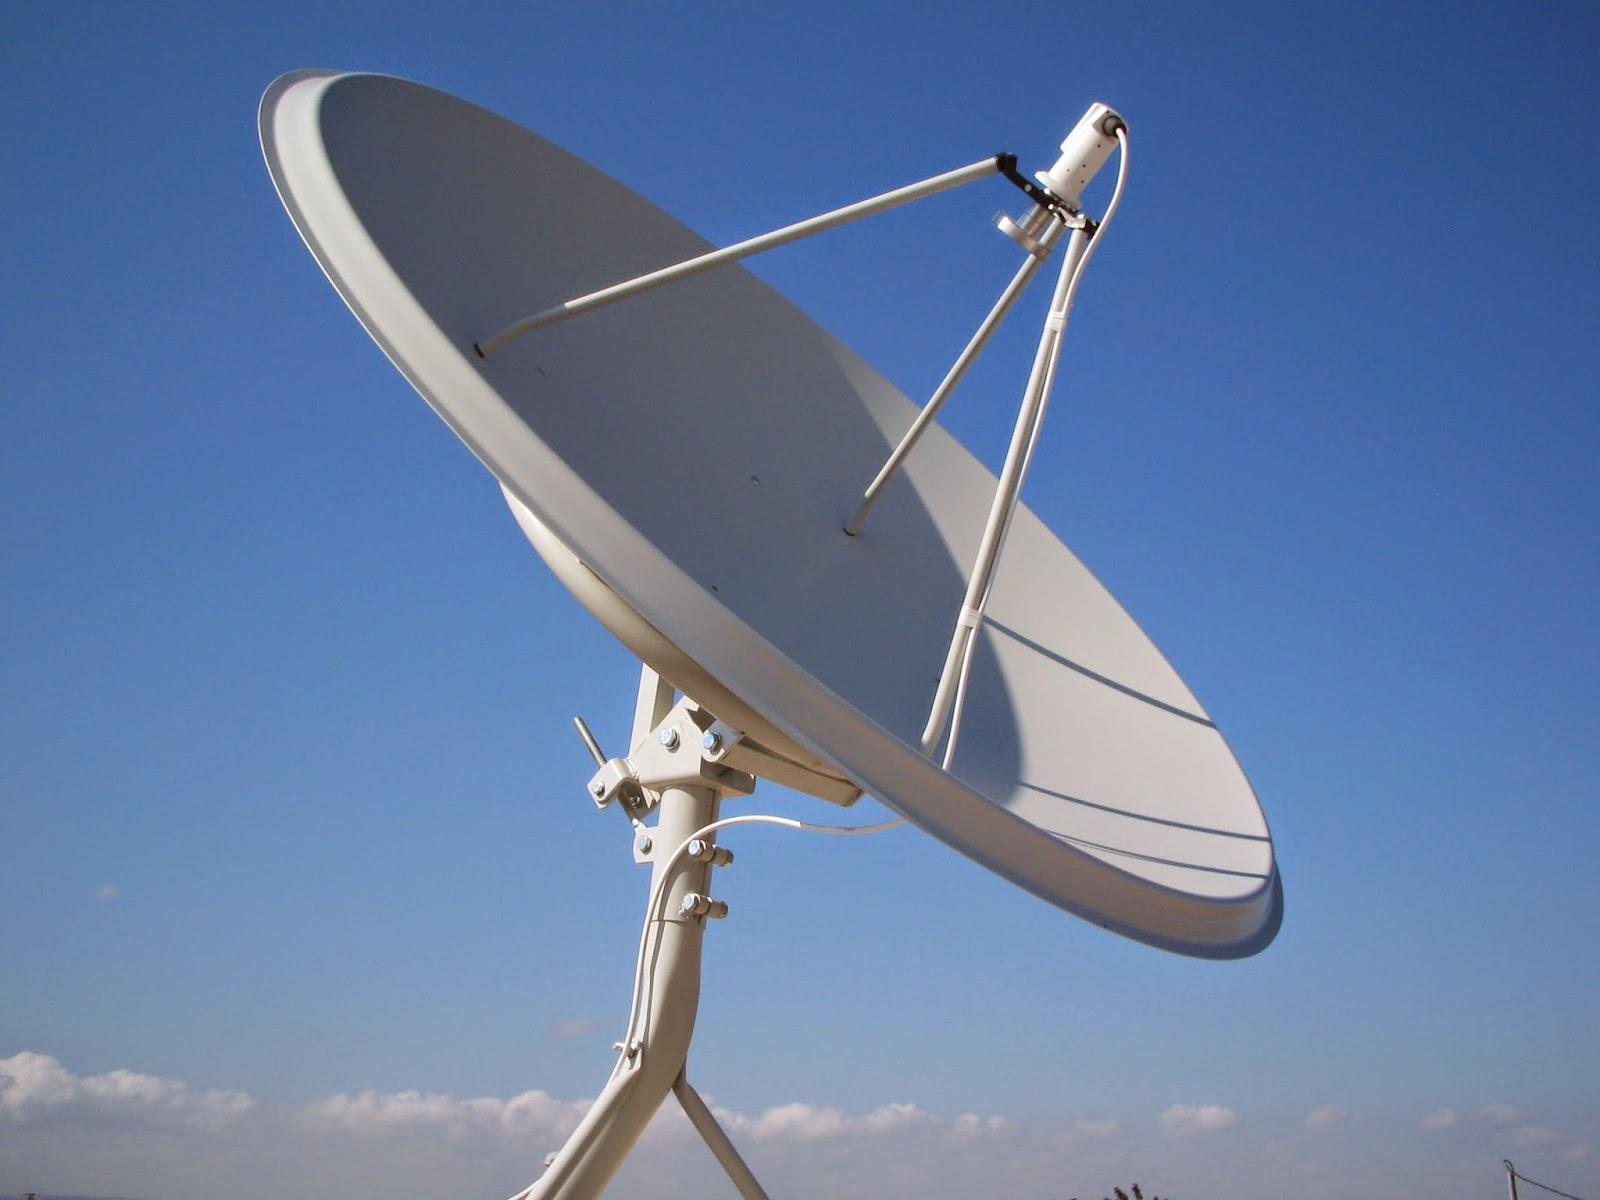 T cnico sat lites instala o de antenas parab licas tdt - Antena satelite interior ...